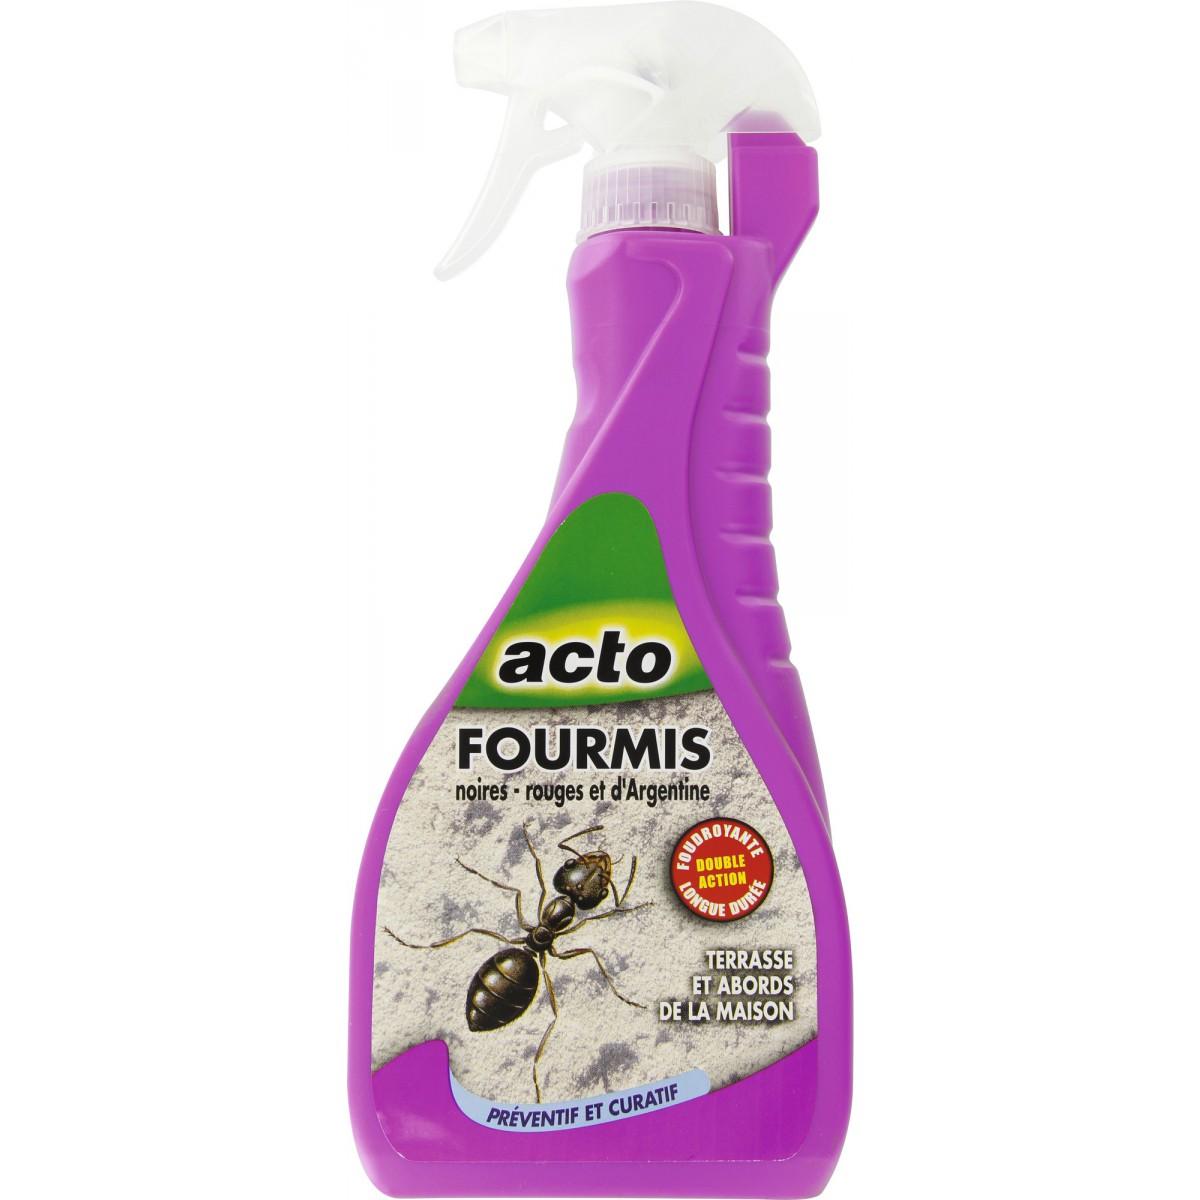 Fourmis pulv risateur acto de insecticide fourmis 1072054 for Peinture insecticide